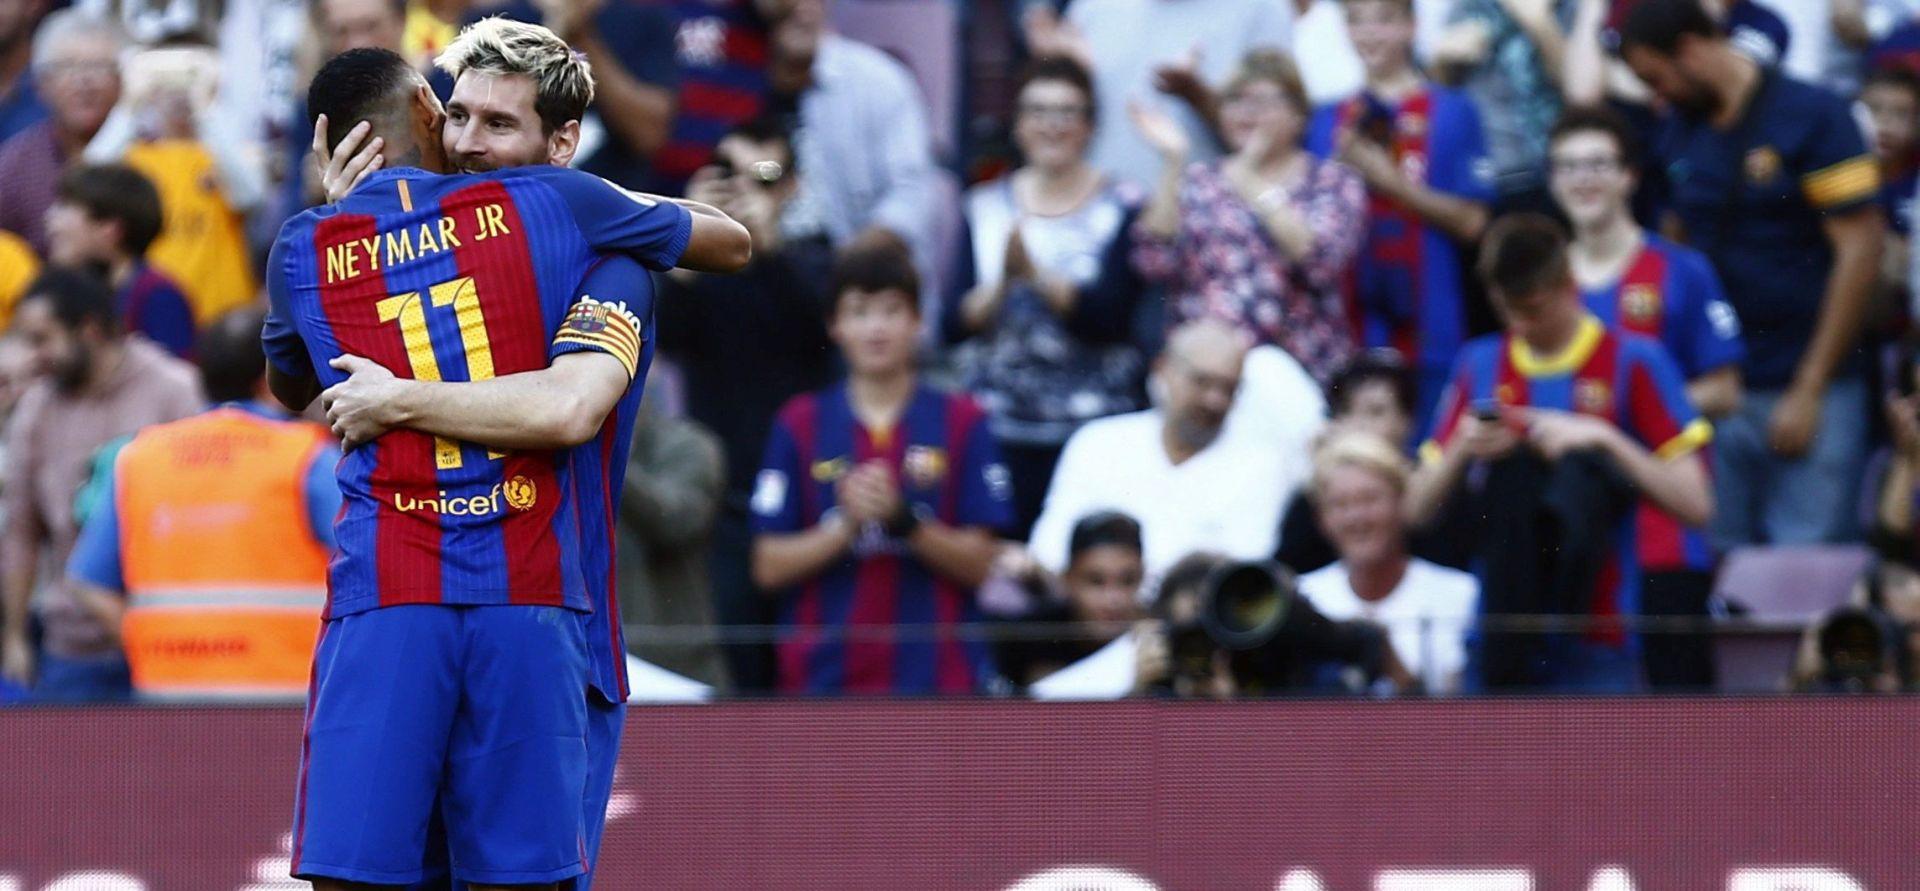 LIGA PRVAKA Šestica Arsenala, luda utakmica u Barceloni s hat-trickom Messija